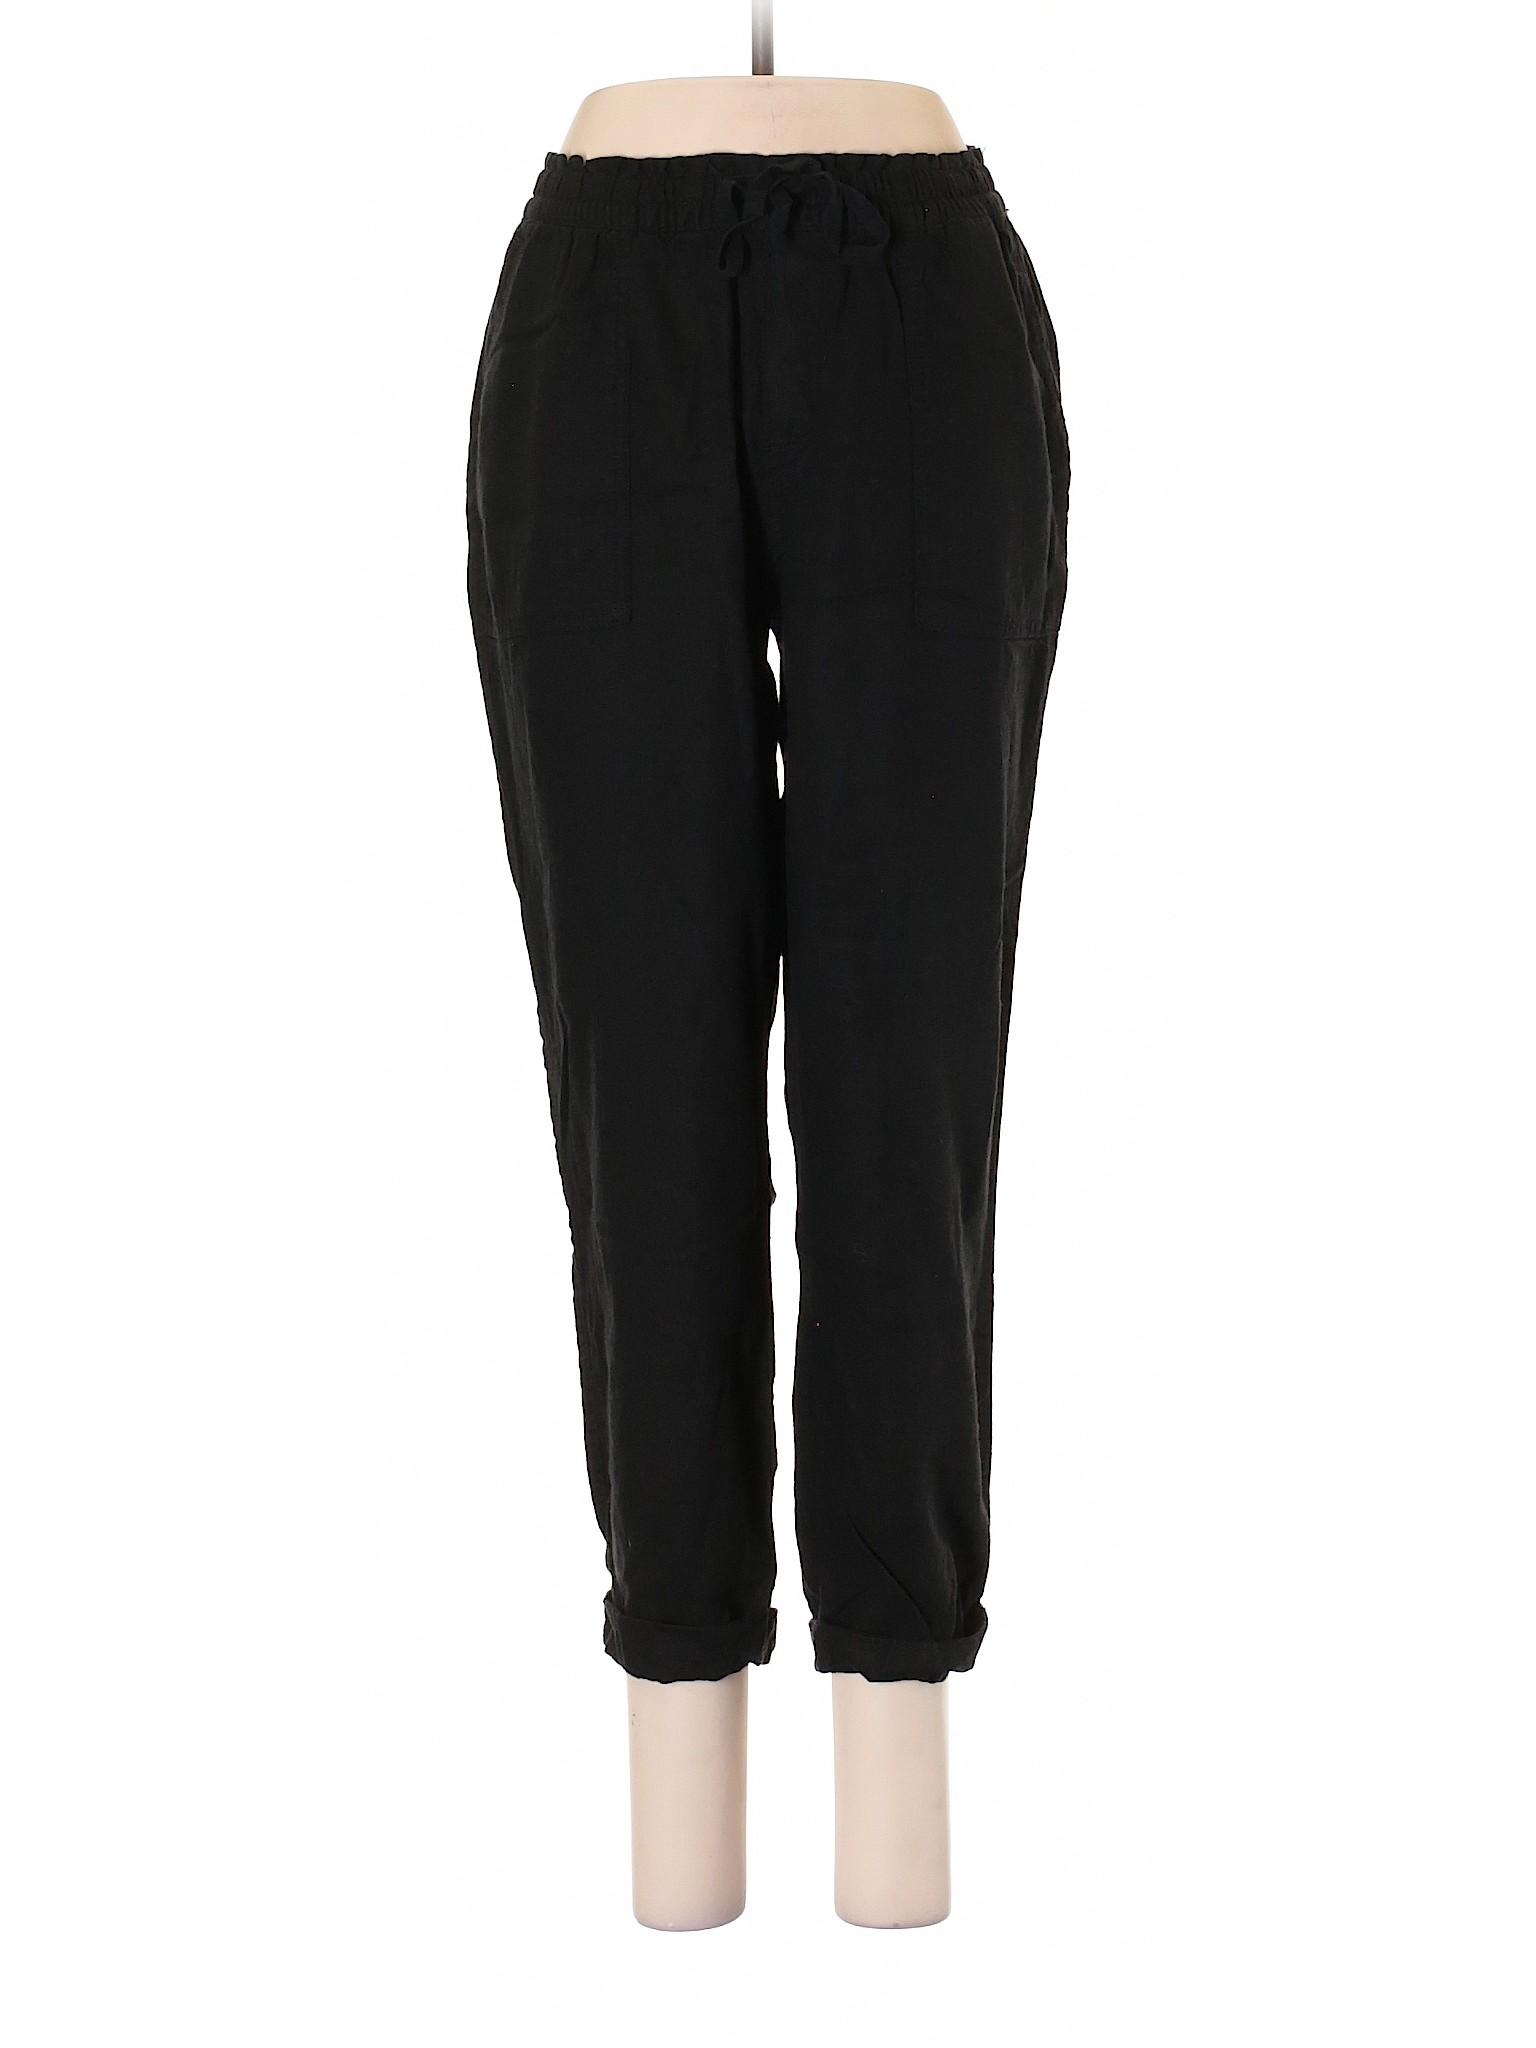 Linen Old leisure Pants Navy Boutique fYSBwRxqOw